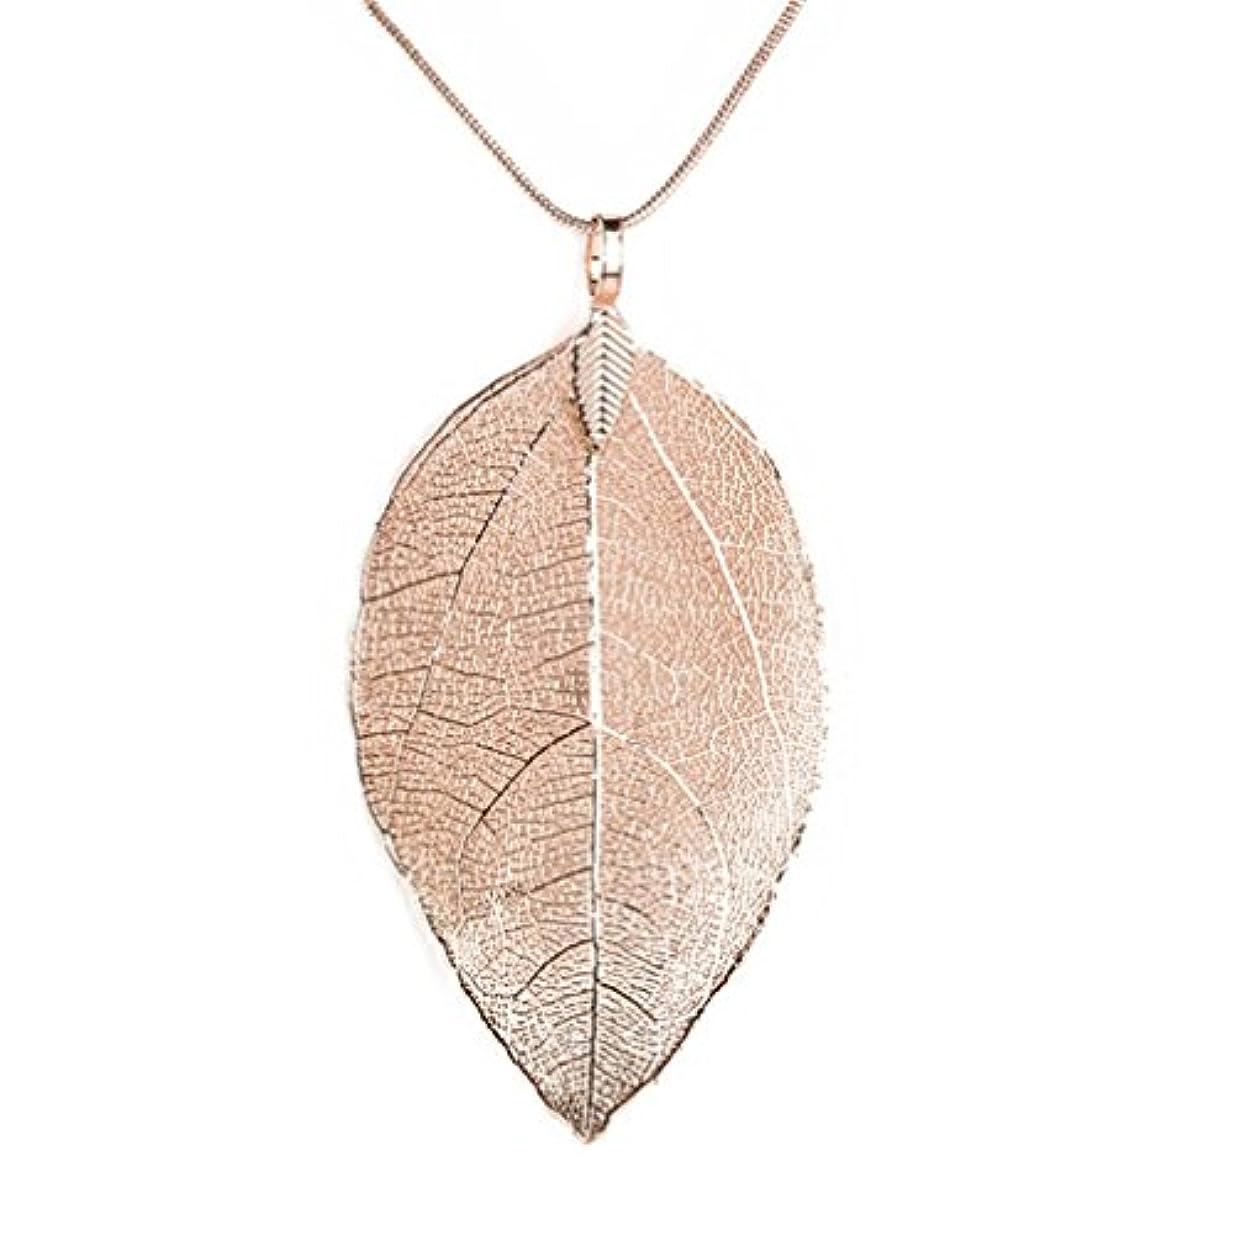 泣き叫ぶ襲撃アクションtravet自然Leaves Gildedロングネックレスシンプルな葉セーターチェーン As Description 15